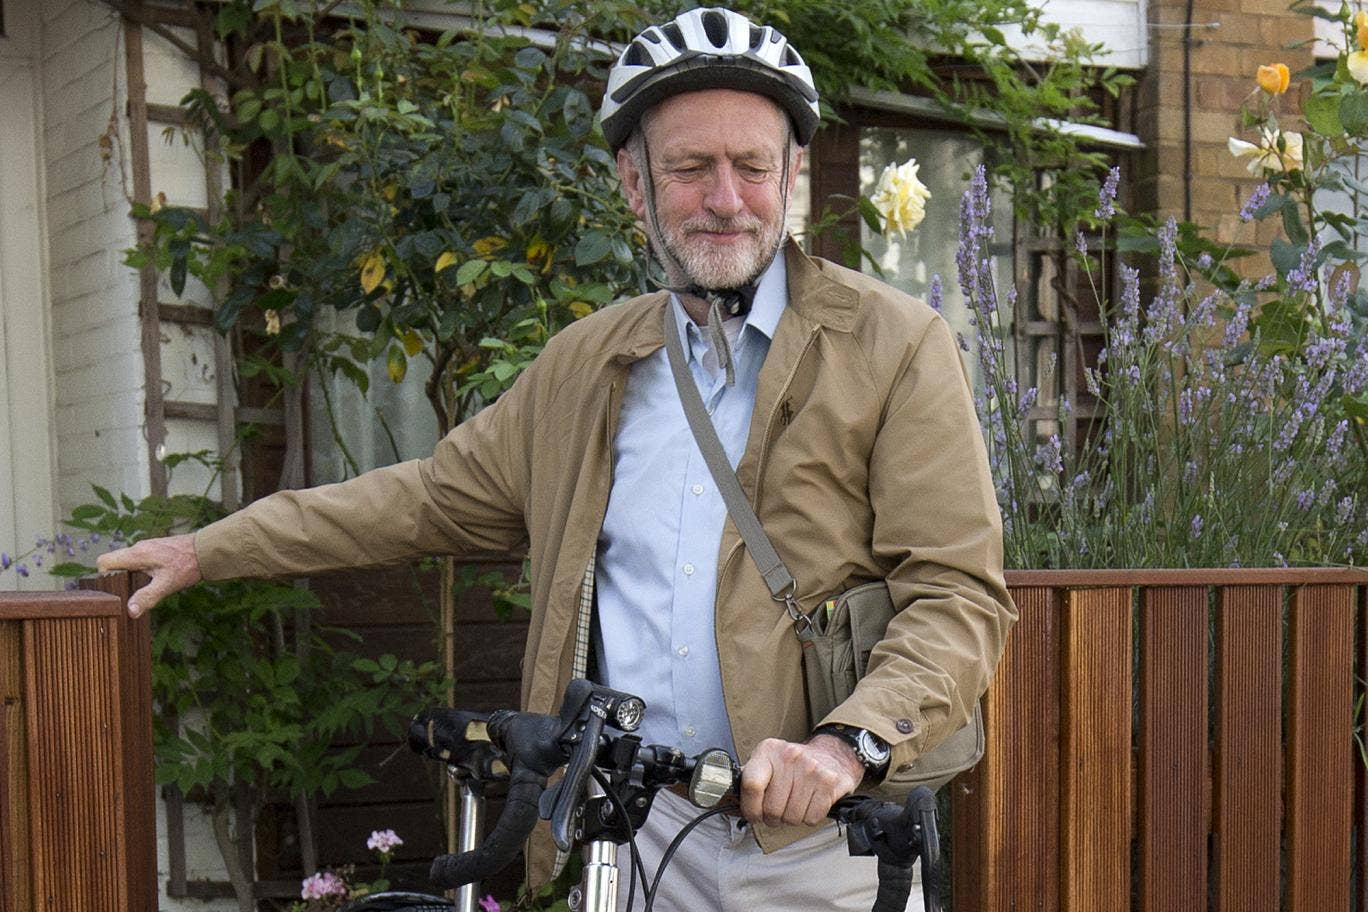 Corbyn è un grande ammiratore di Fidel castro che ritiene un campione di giustizia sociale.